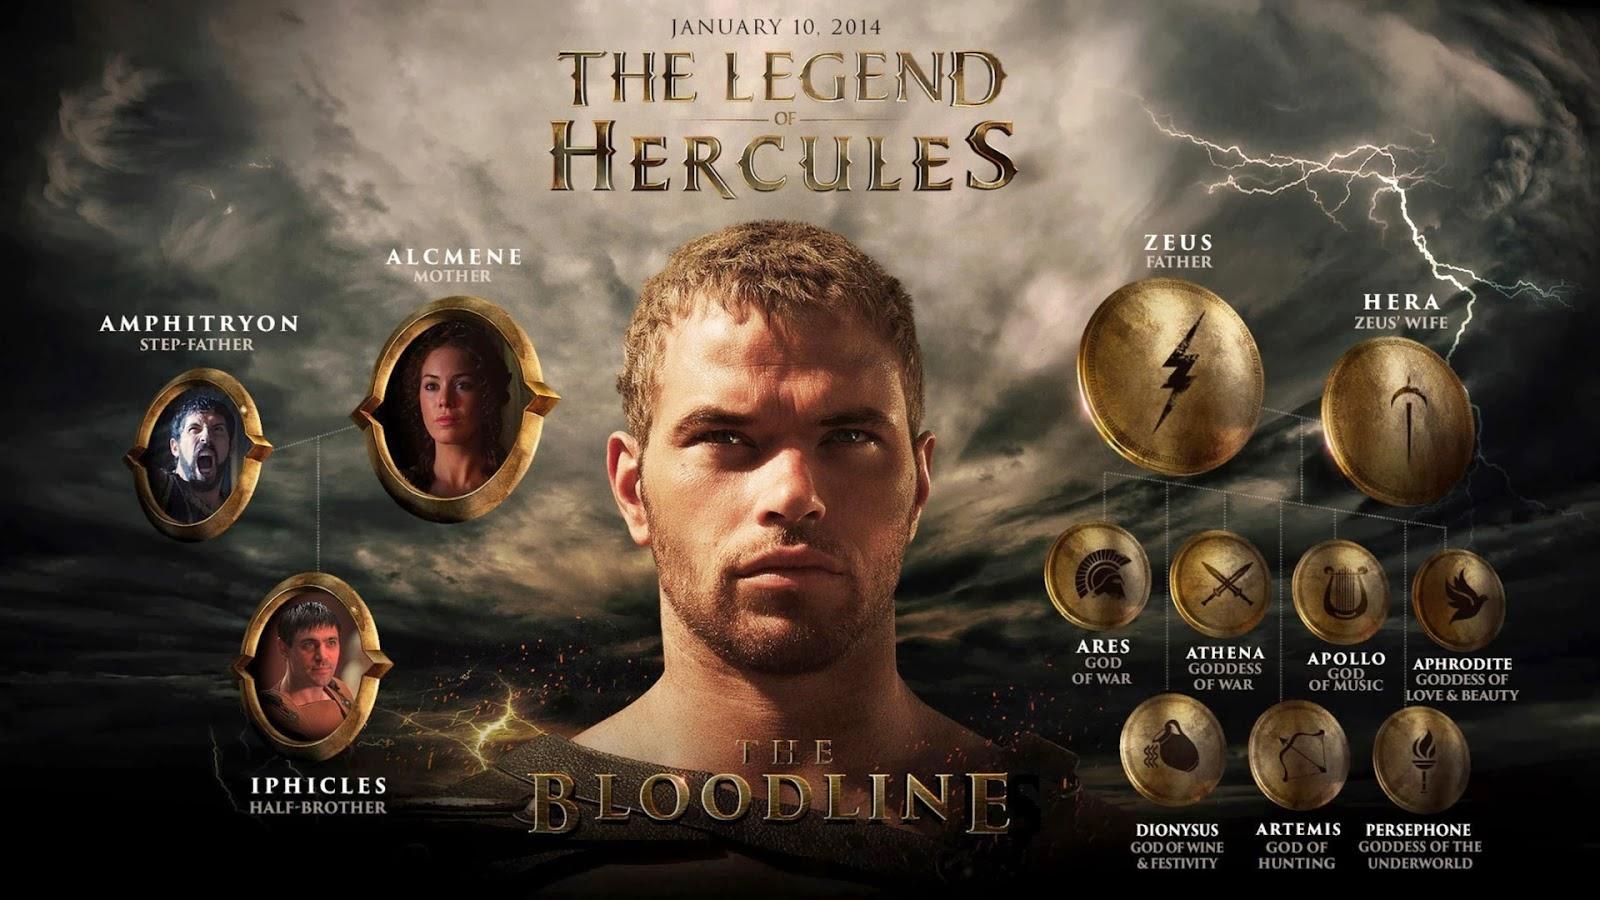 Koleksi Film Kuring The Legend Of Hercules 2014